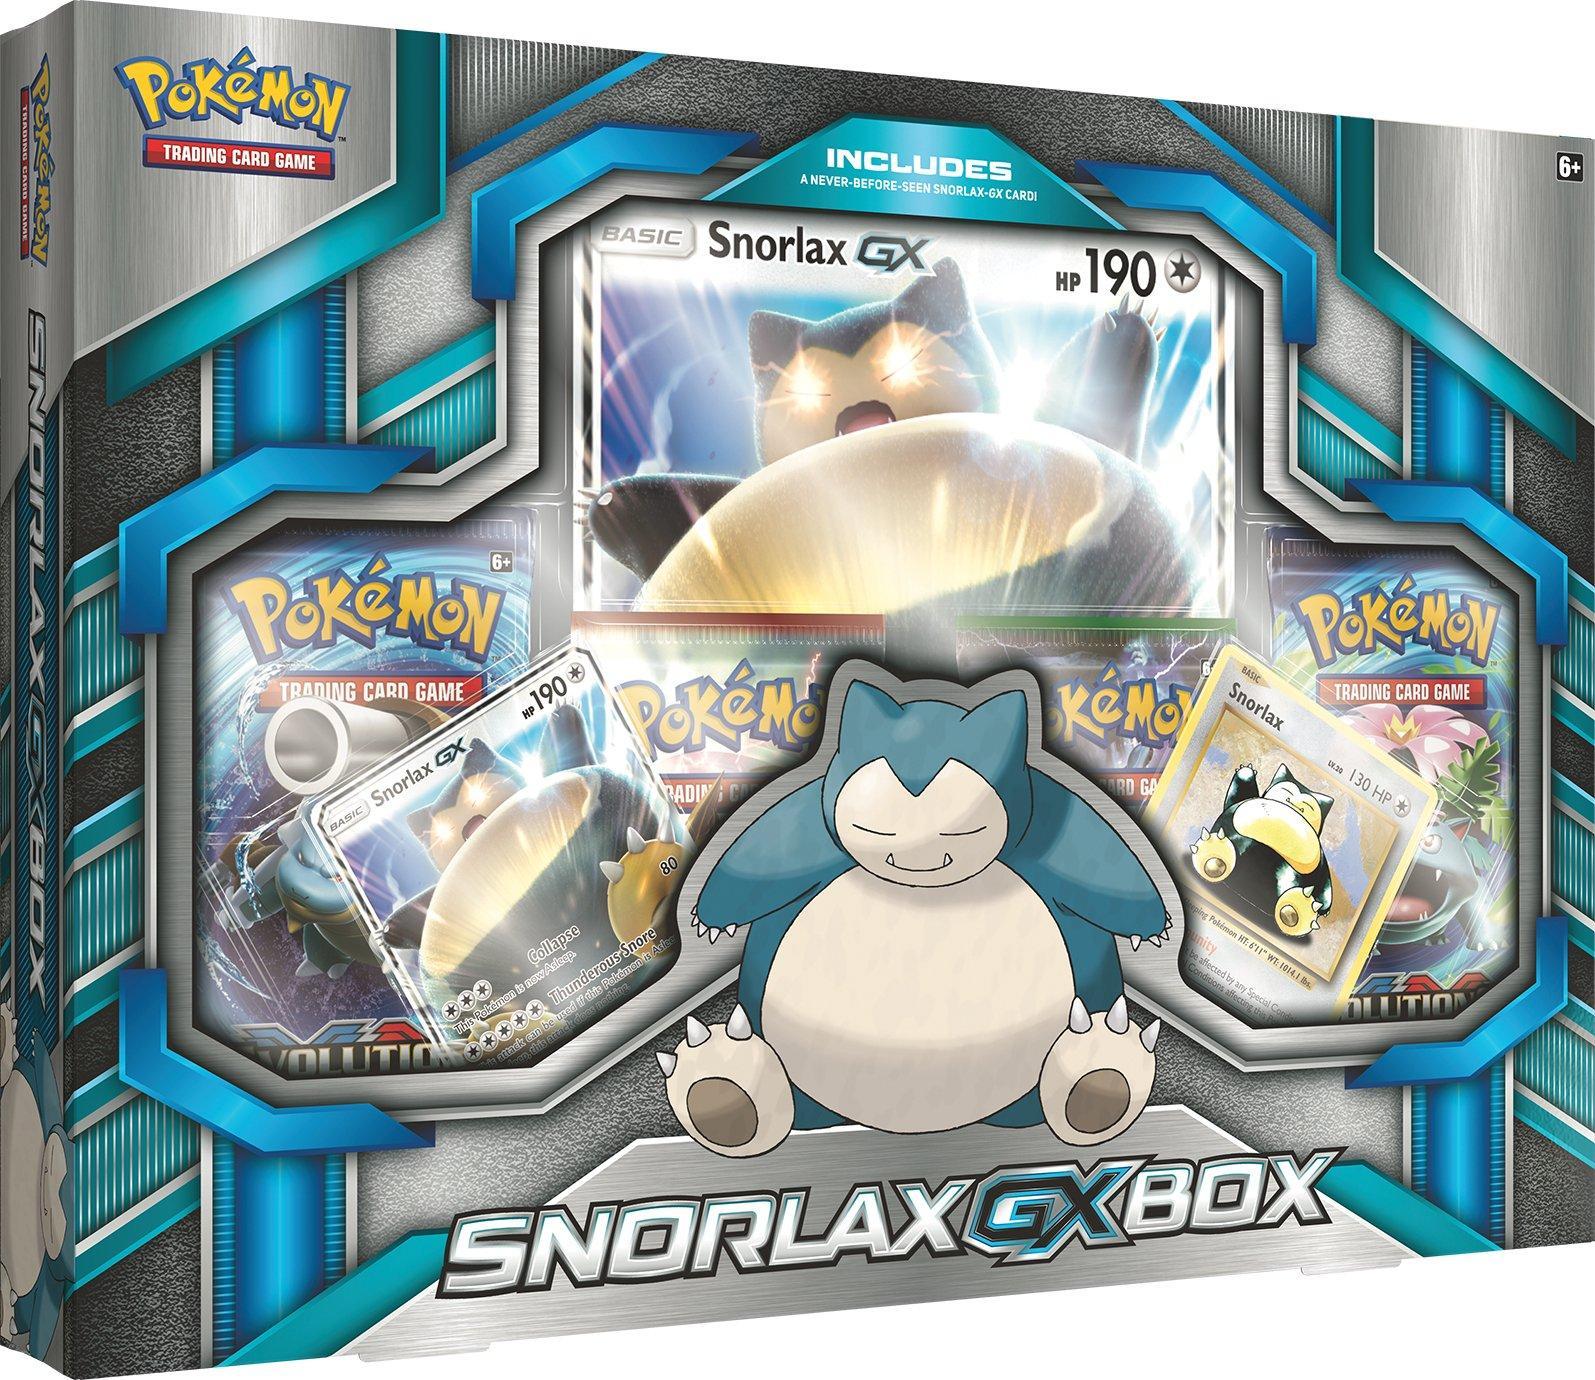 Pokemon Trading Card Game: Triple Box Bundle $19.99